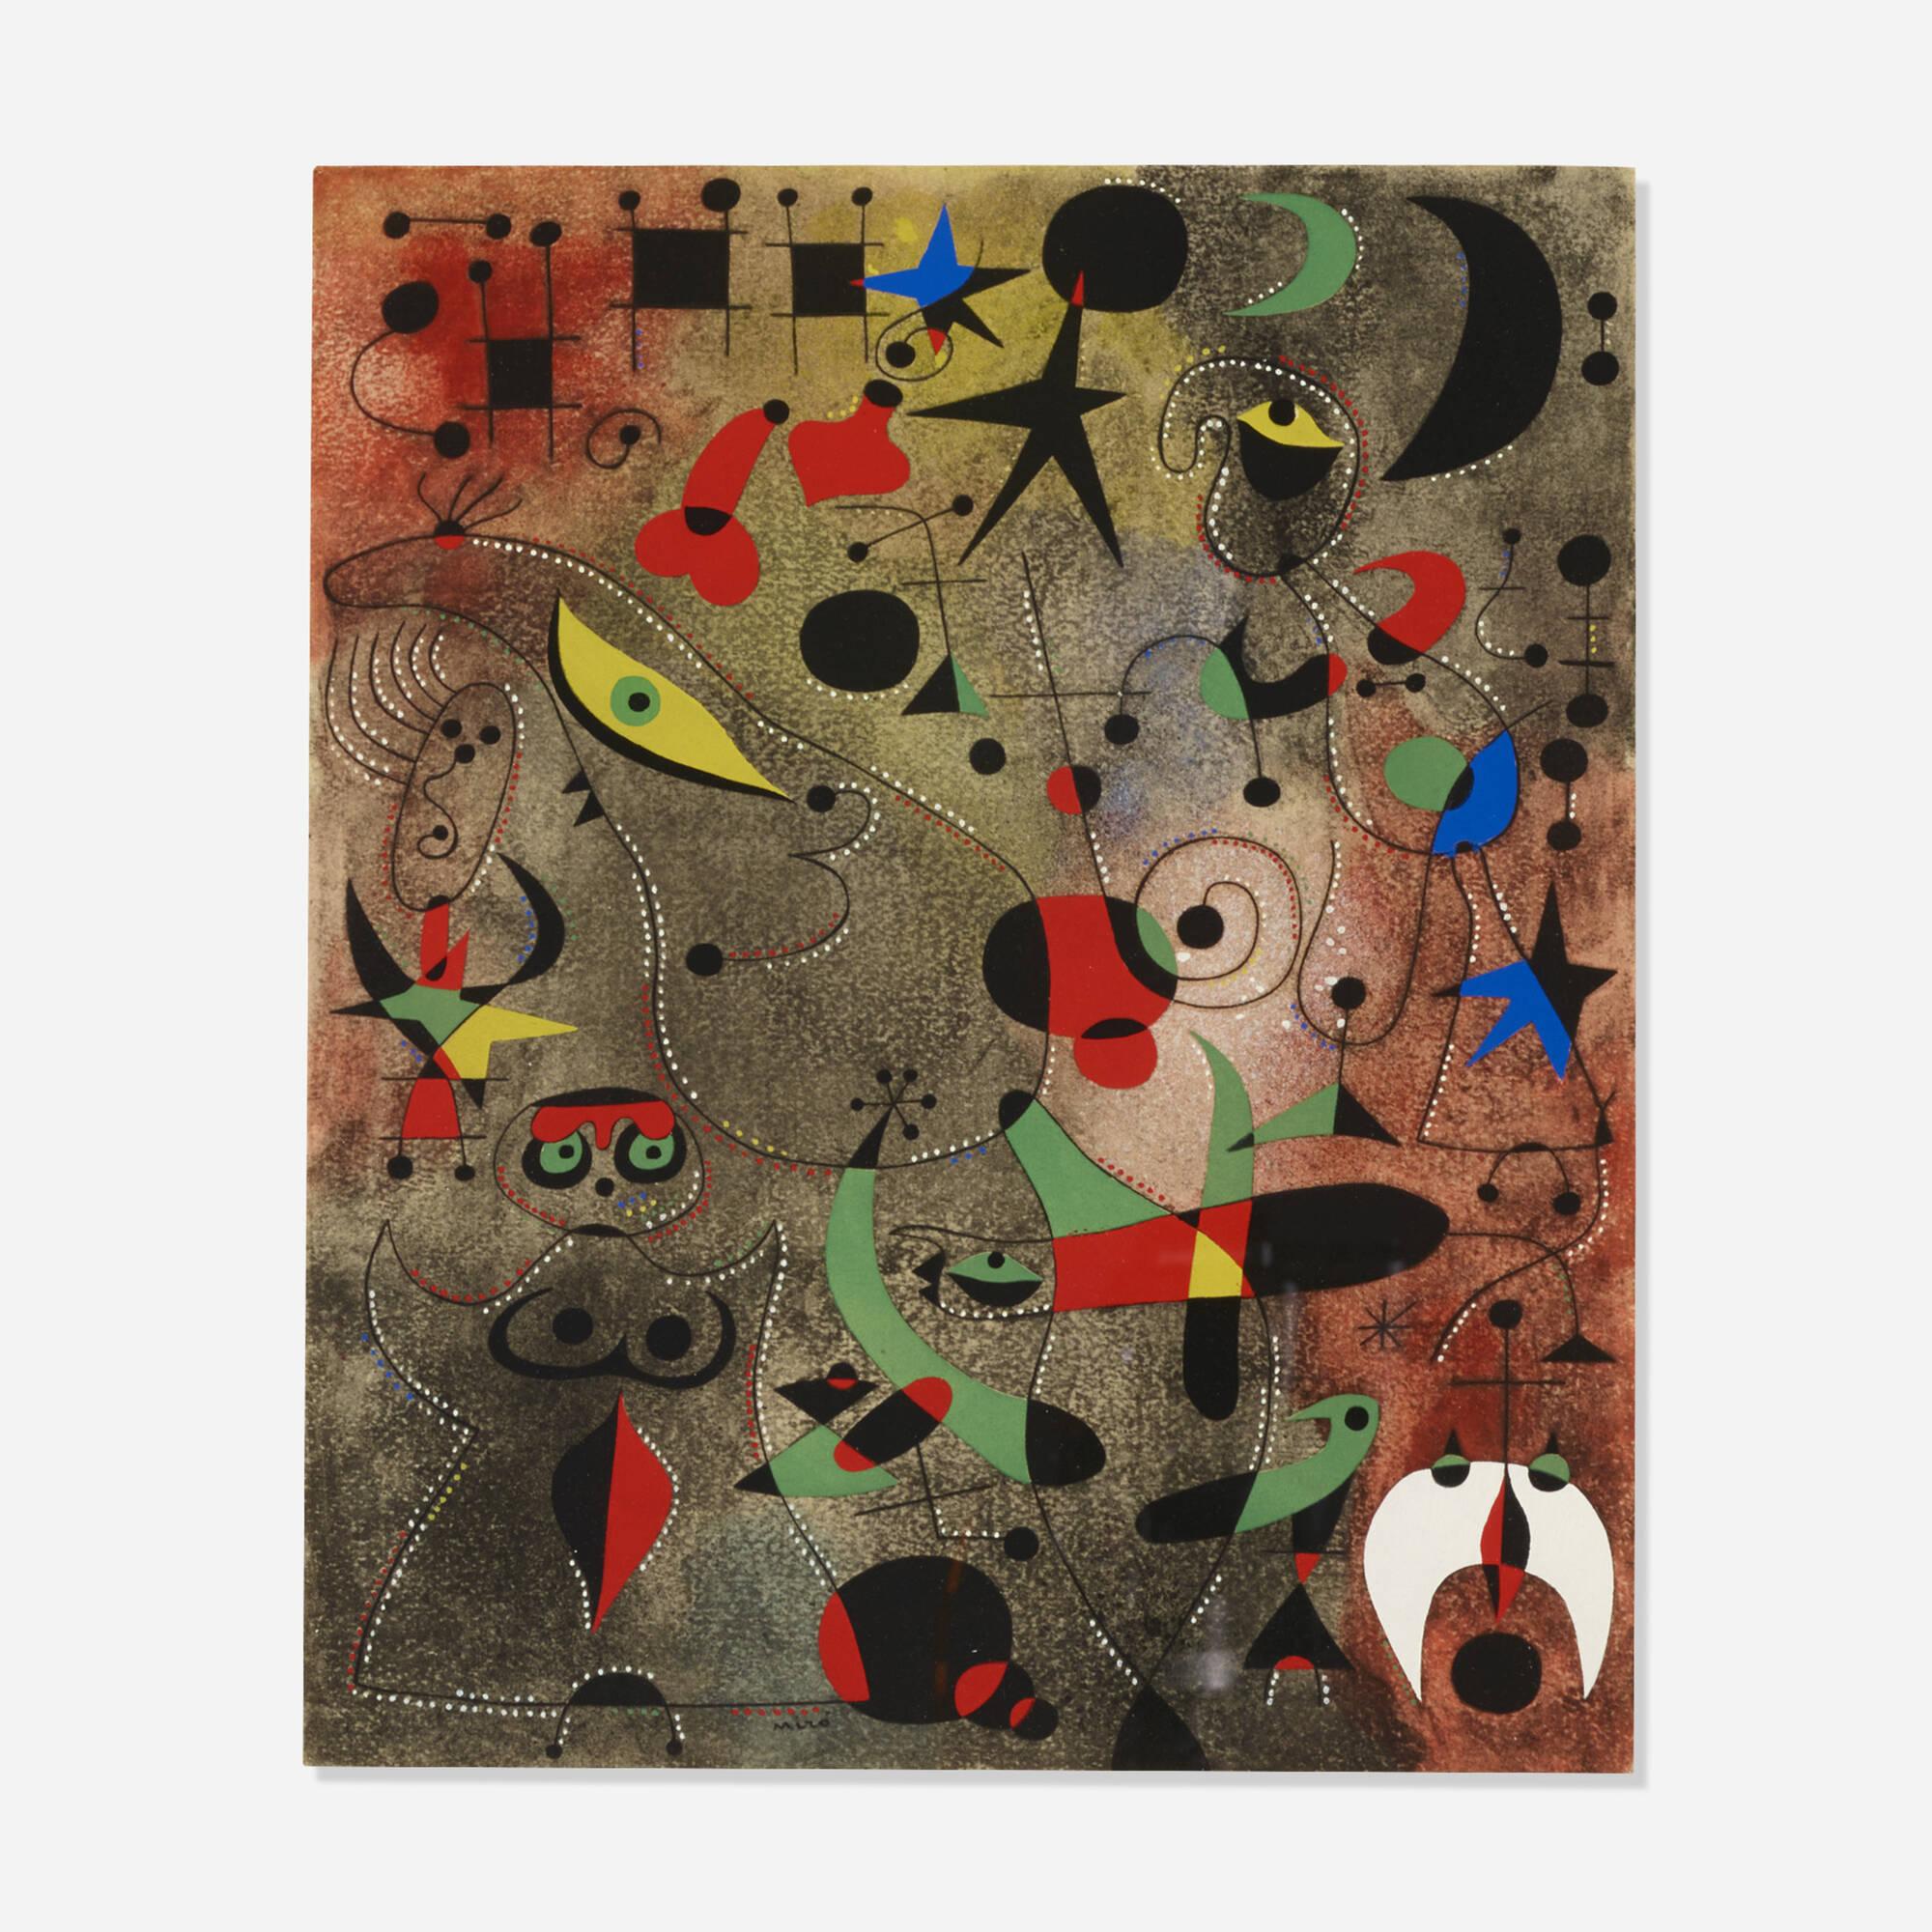 192: Joan Miró / Le Reveil au petit jour (Plate XIV from the Constellations portfolio) (1 of 2)